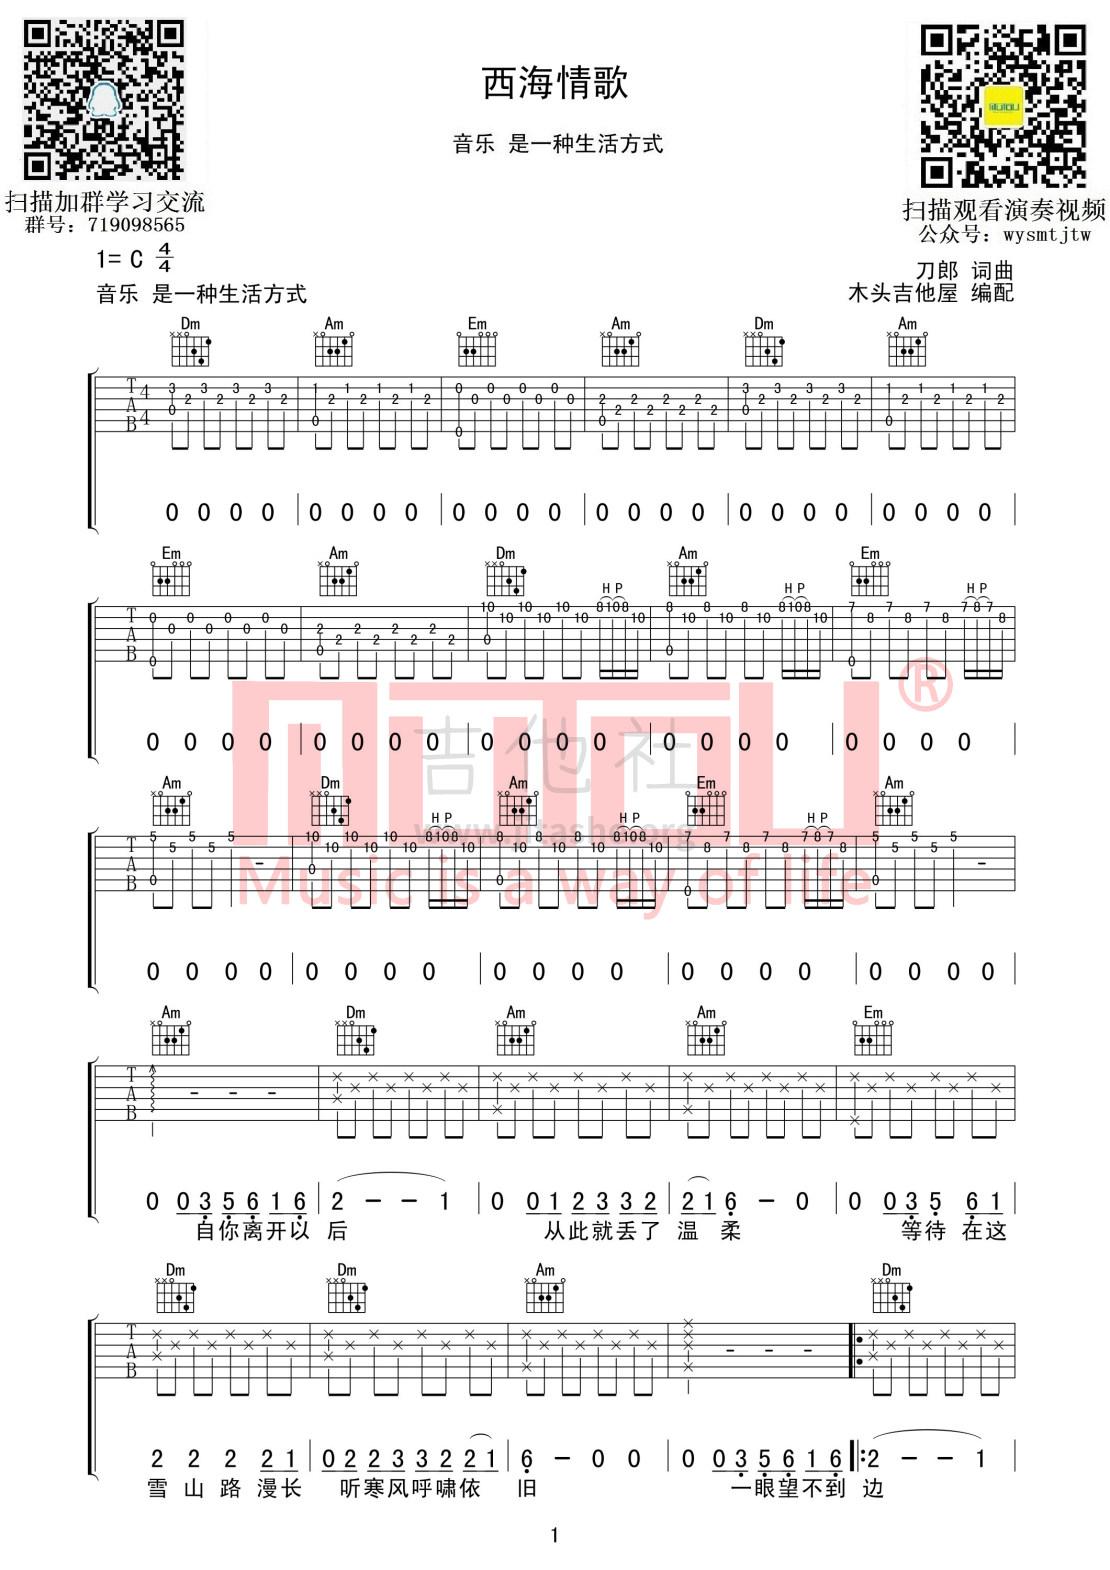 西海情歌(高度还原)吉他谱(图片谱,木头吉他屋,弹唱,伴奏)_刀郎_西海情歌01.jpg